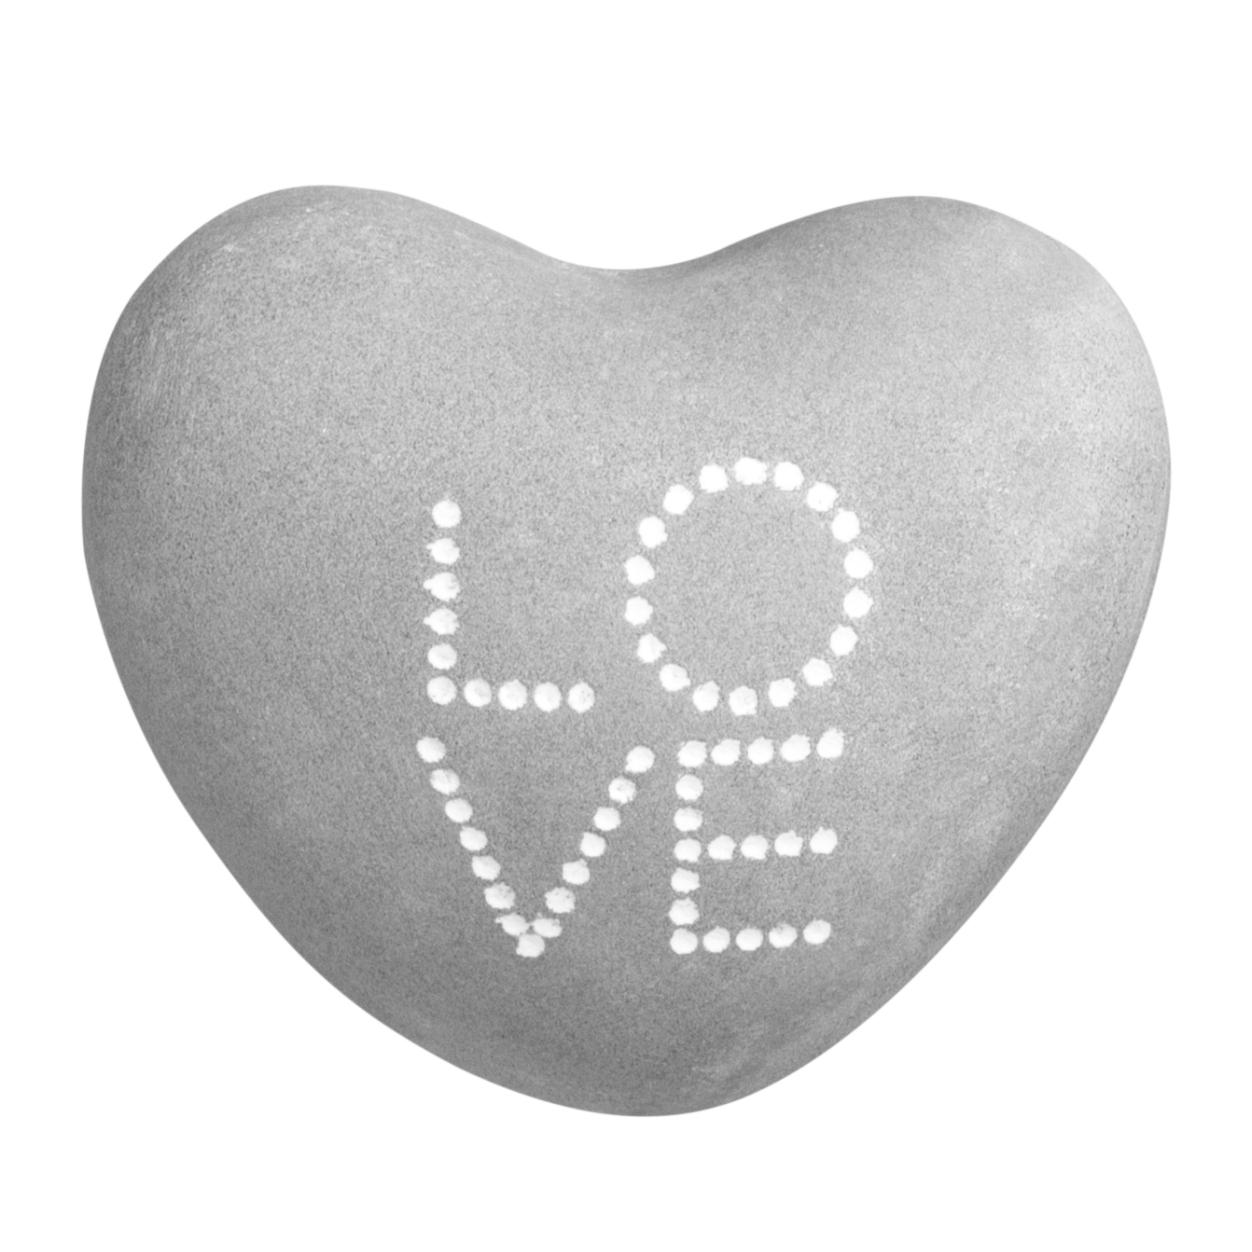 Betonherz - Love - räder